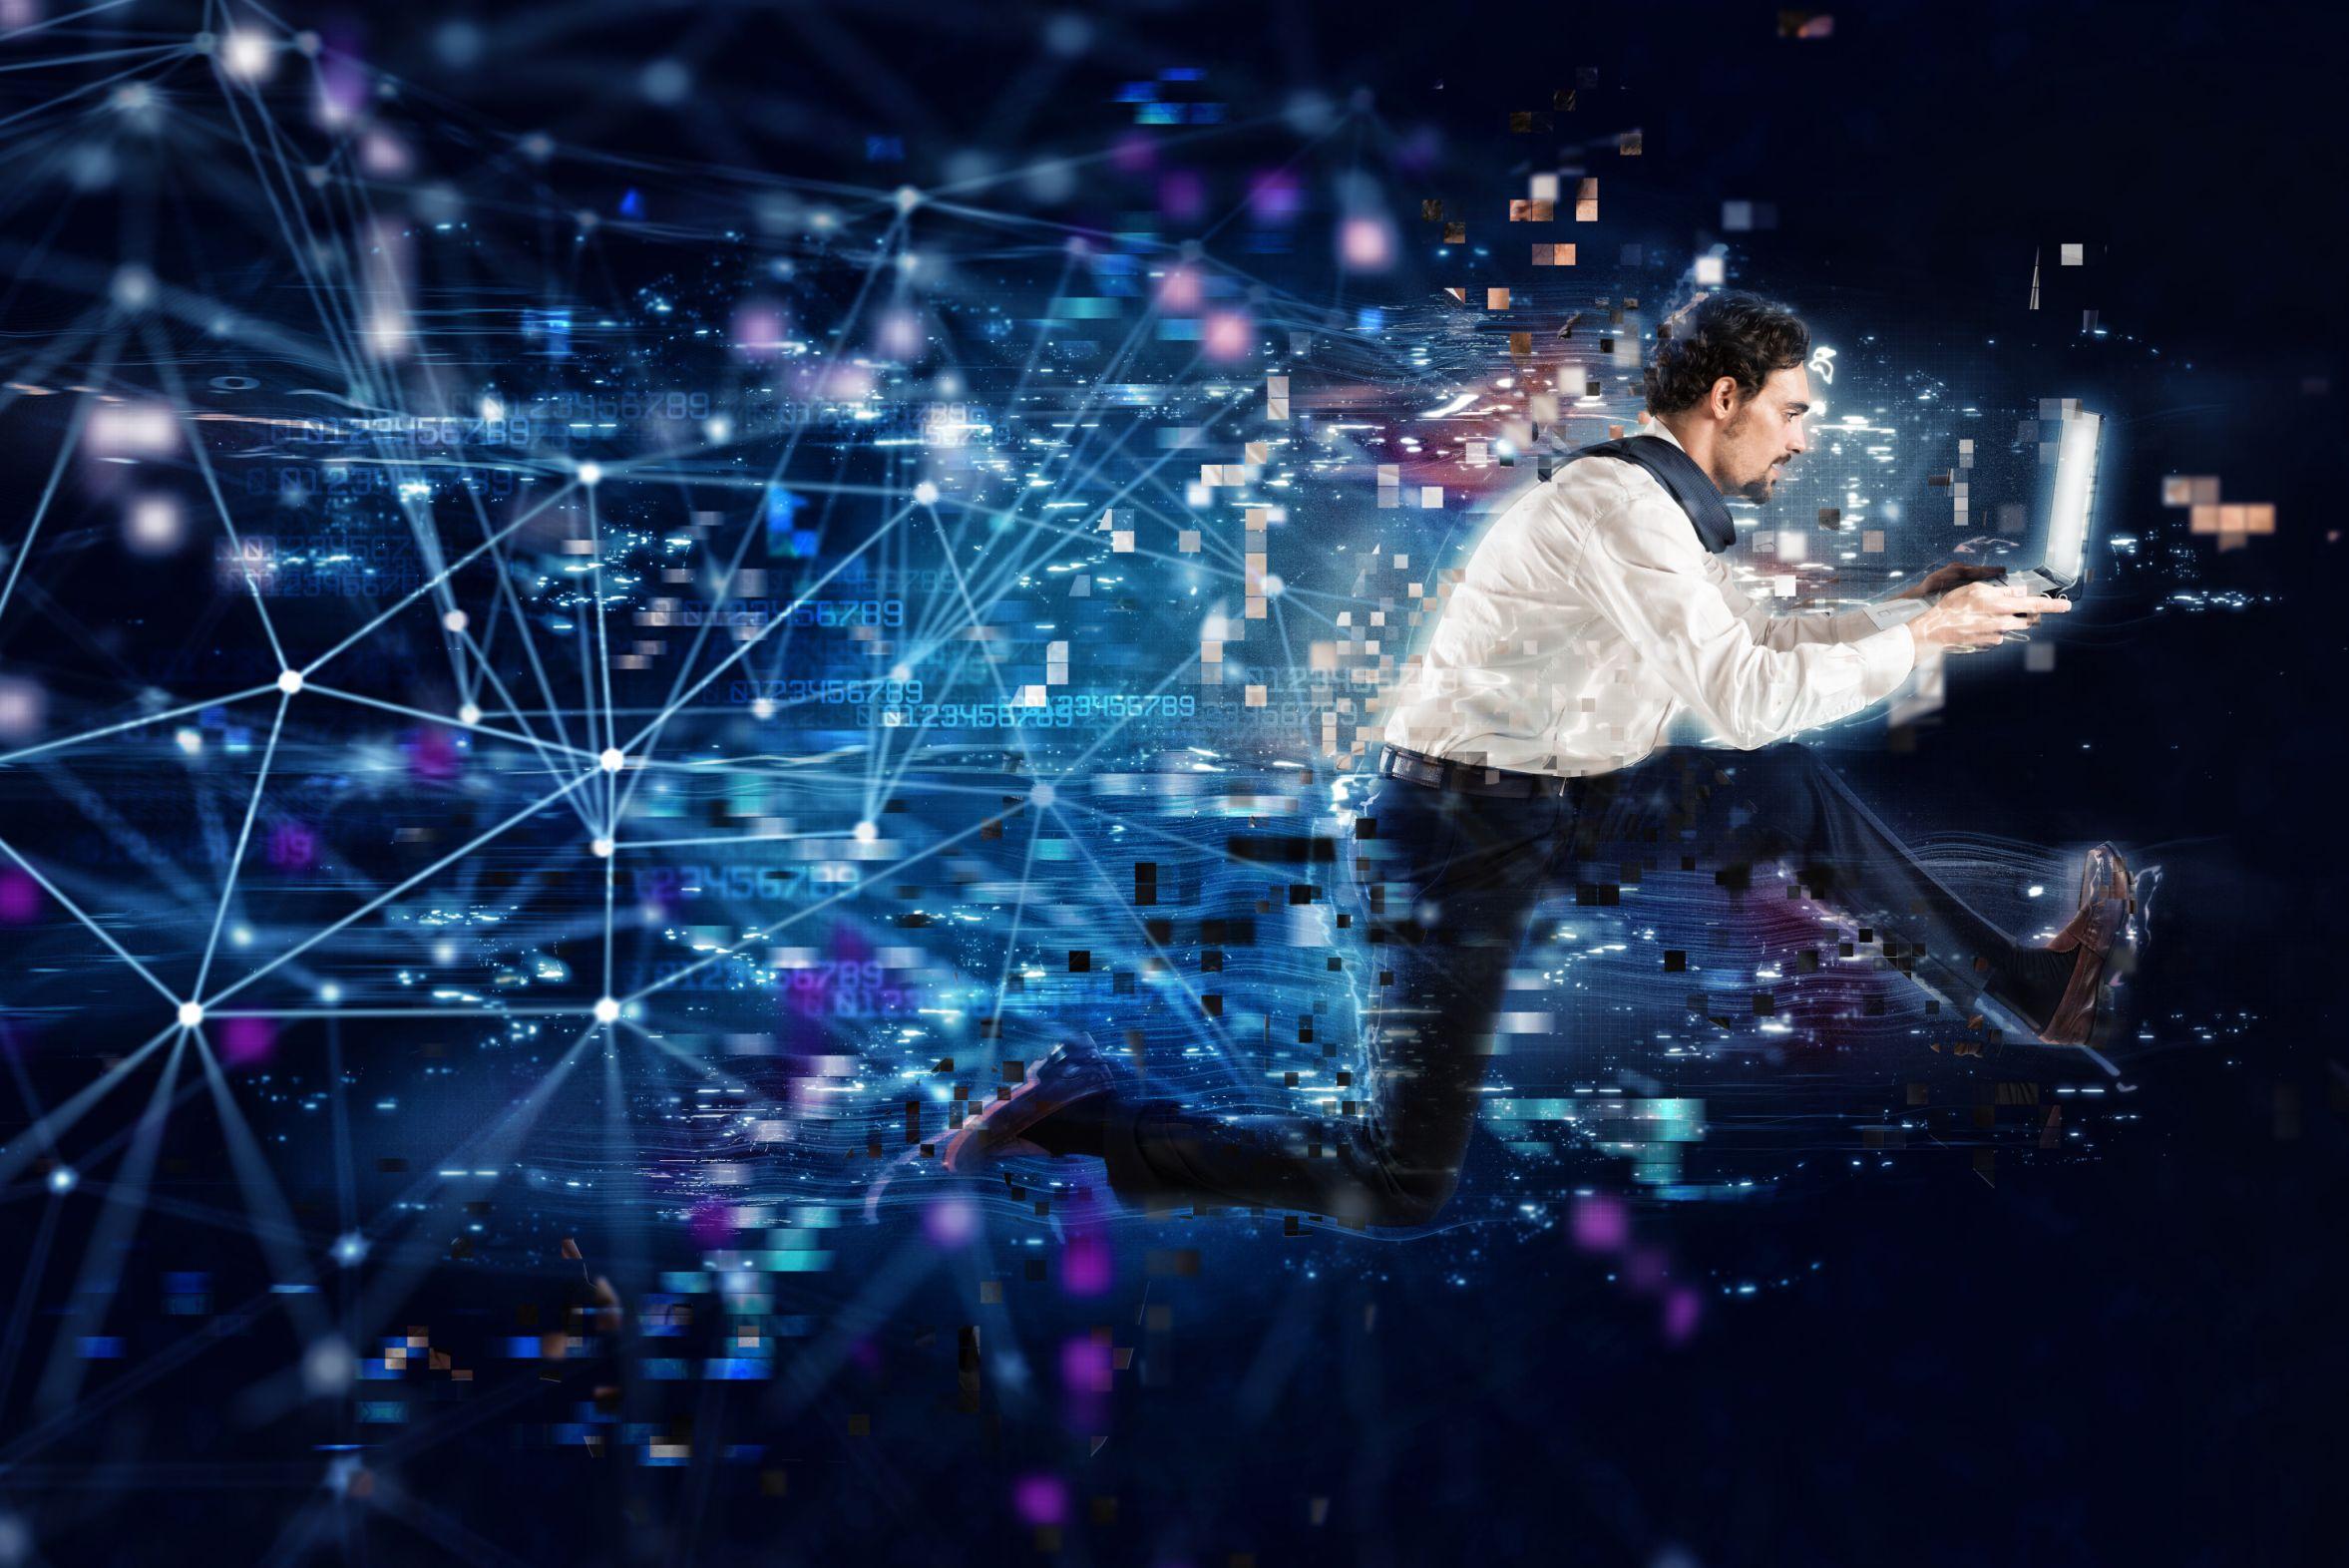 Obszar technologiczny stanie się kluczowym kierunkiem rozwoju dla wszystkich organizacji, które chcą pozostać konkurencyjne w środowisku biznesowym. (Fot. Shutterstock)